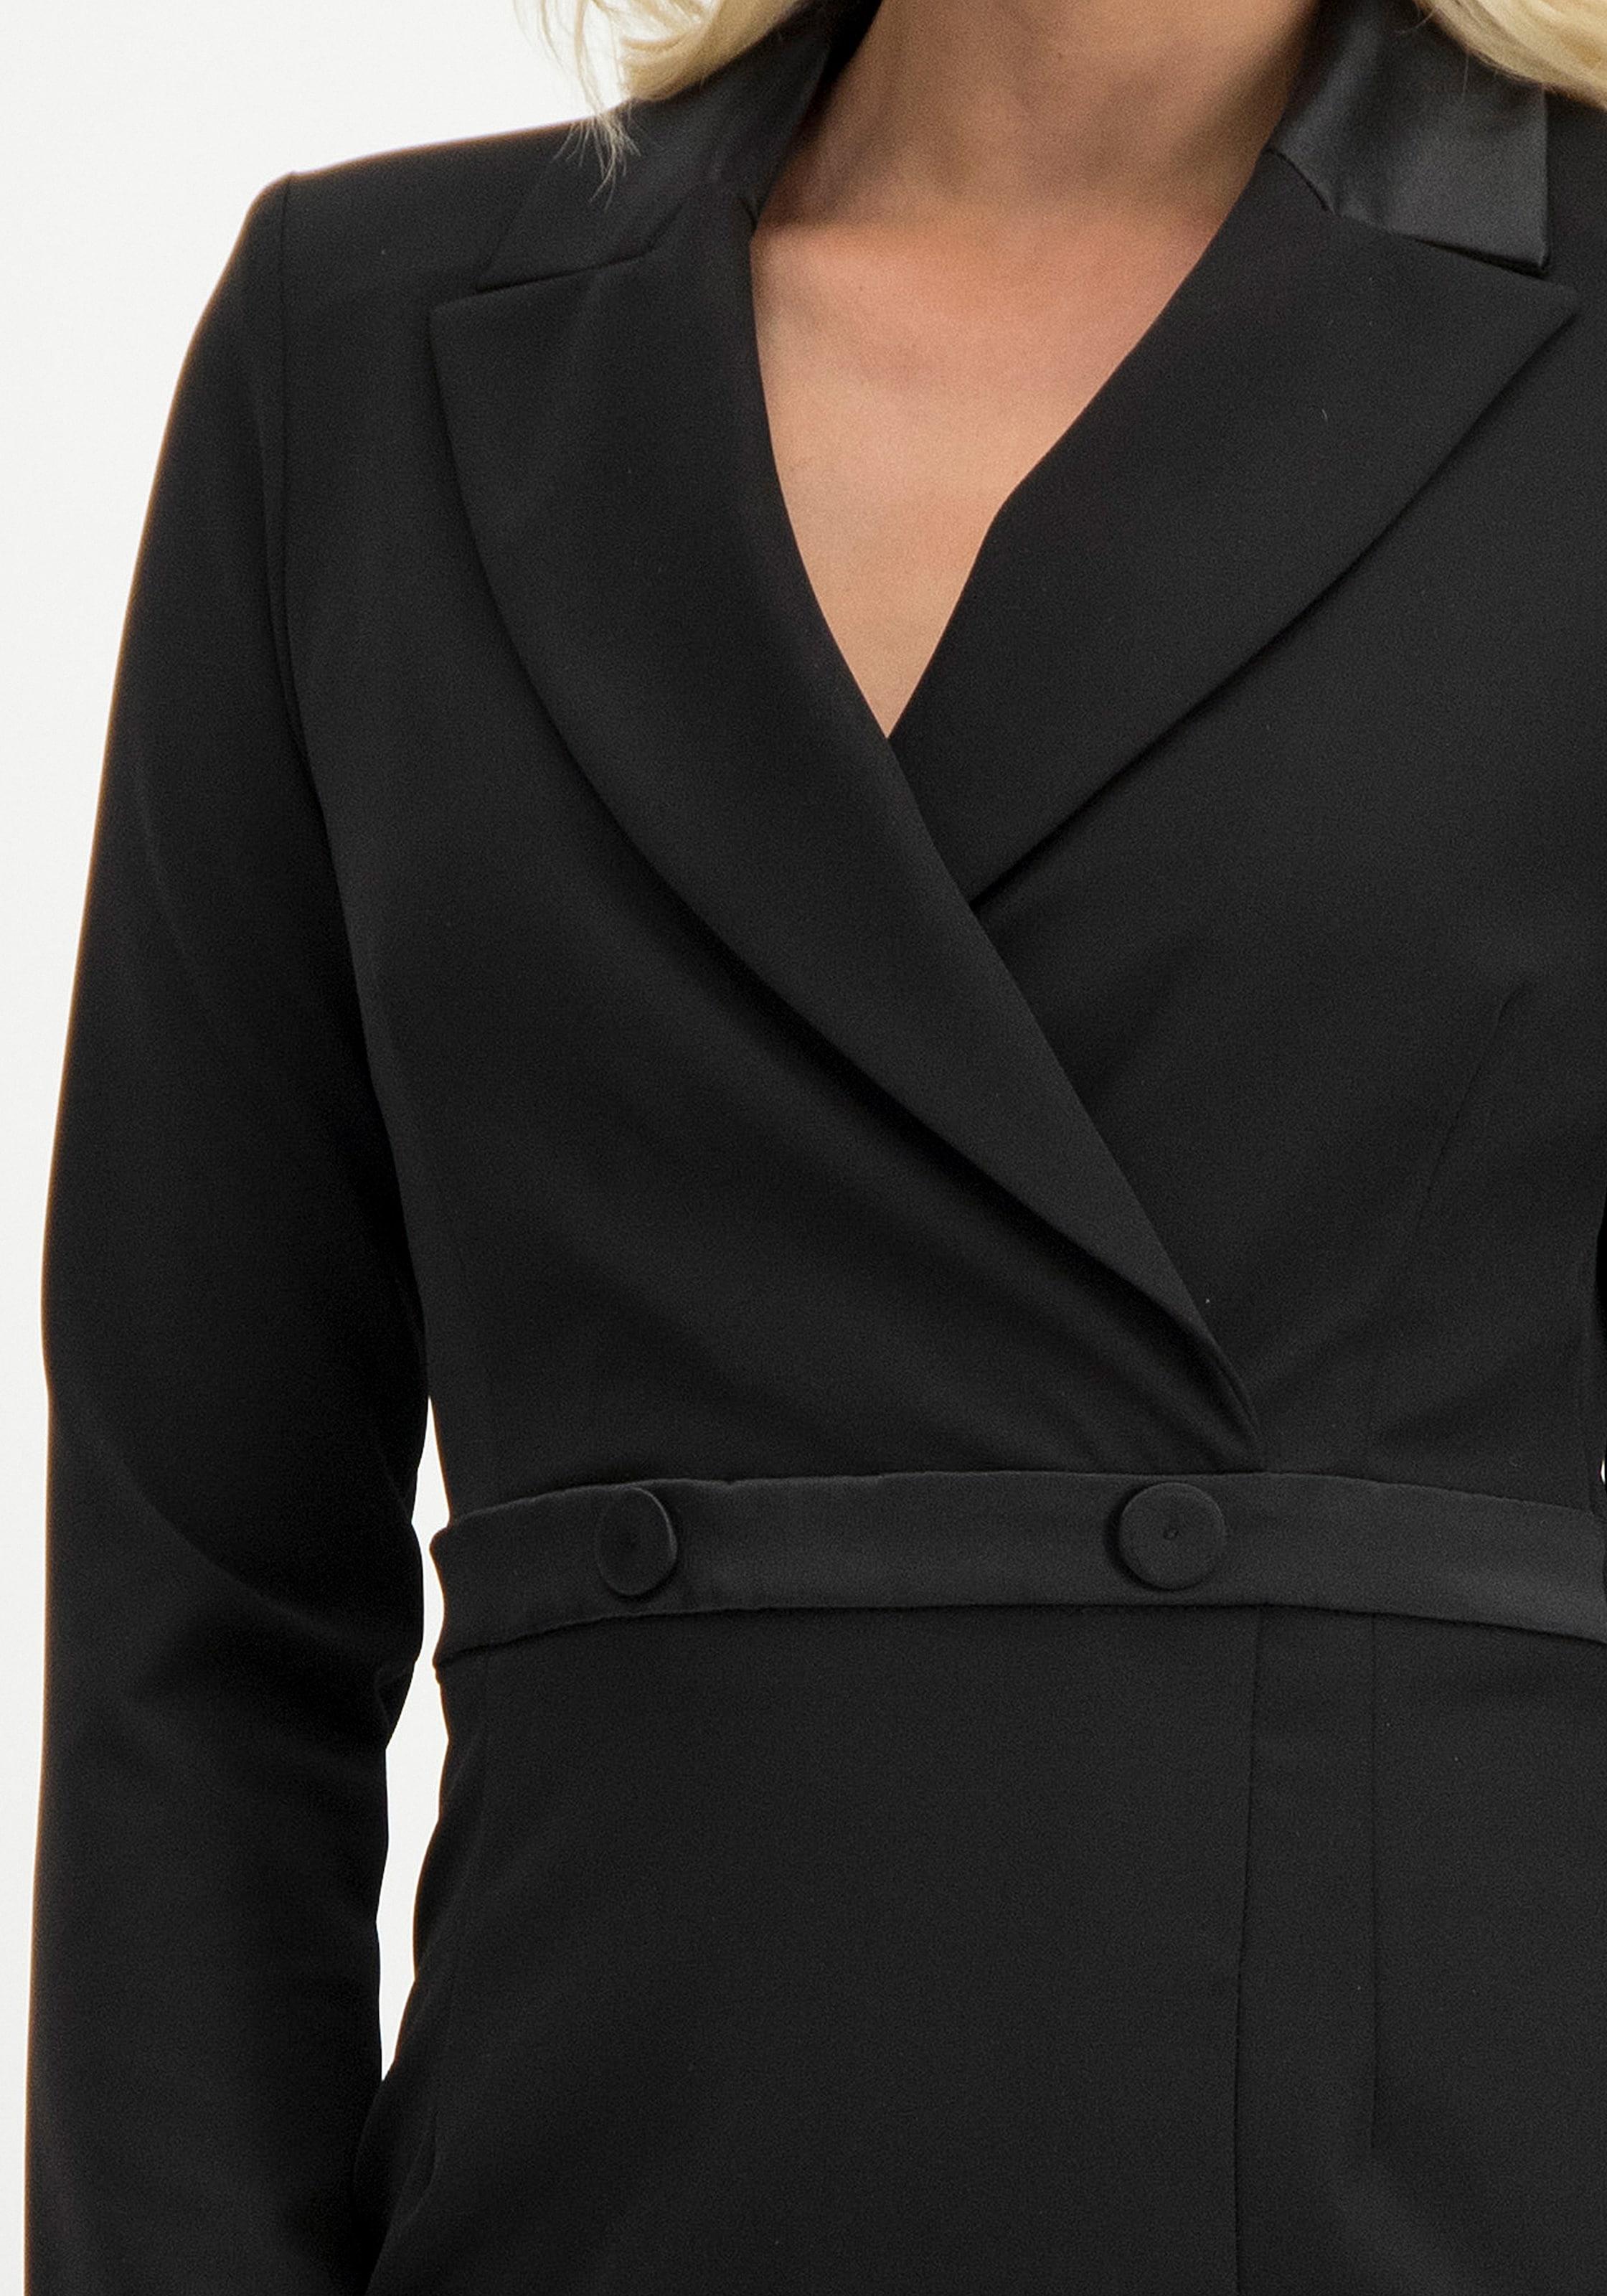 Kleid Kleid Nicowa Nicowa 'neola' Kleid 'neola' In Schwarz In Nicowa Schwarz pzUMqSV